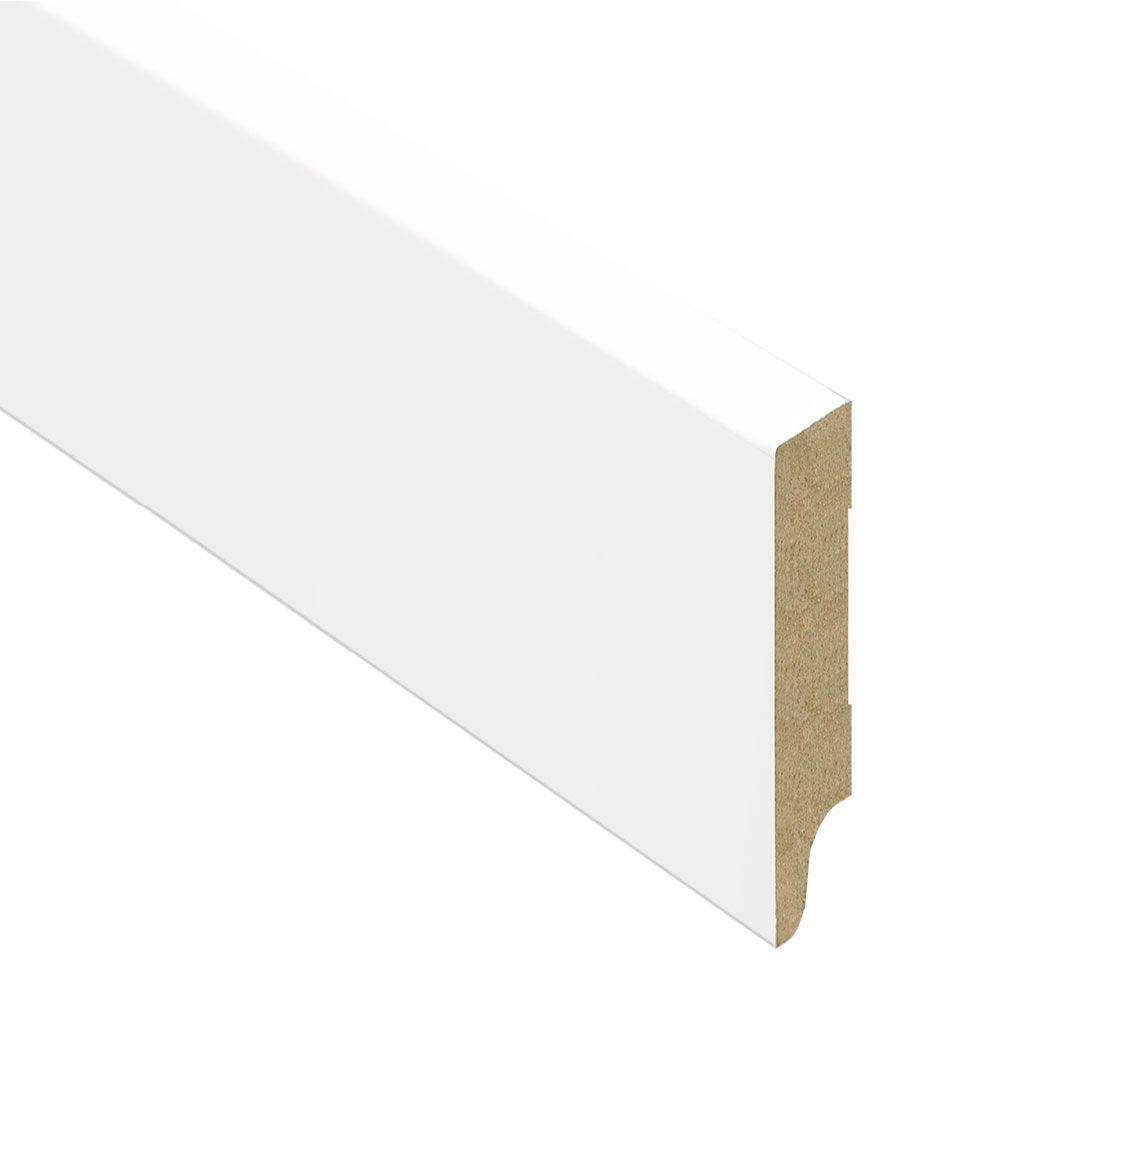 Mdf muur plinten xl wit gegrond 5 8 cm hoog witte vloer plint - Parket aan de muur ...